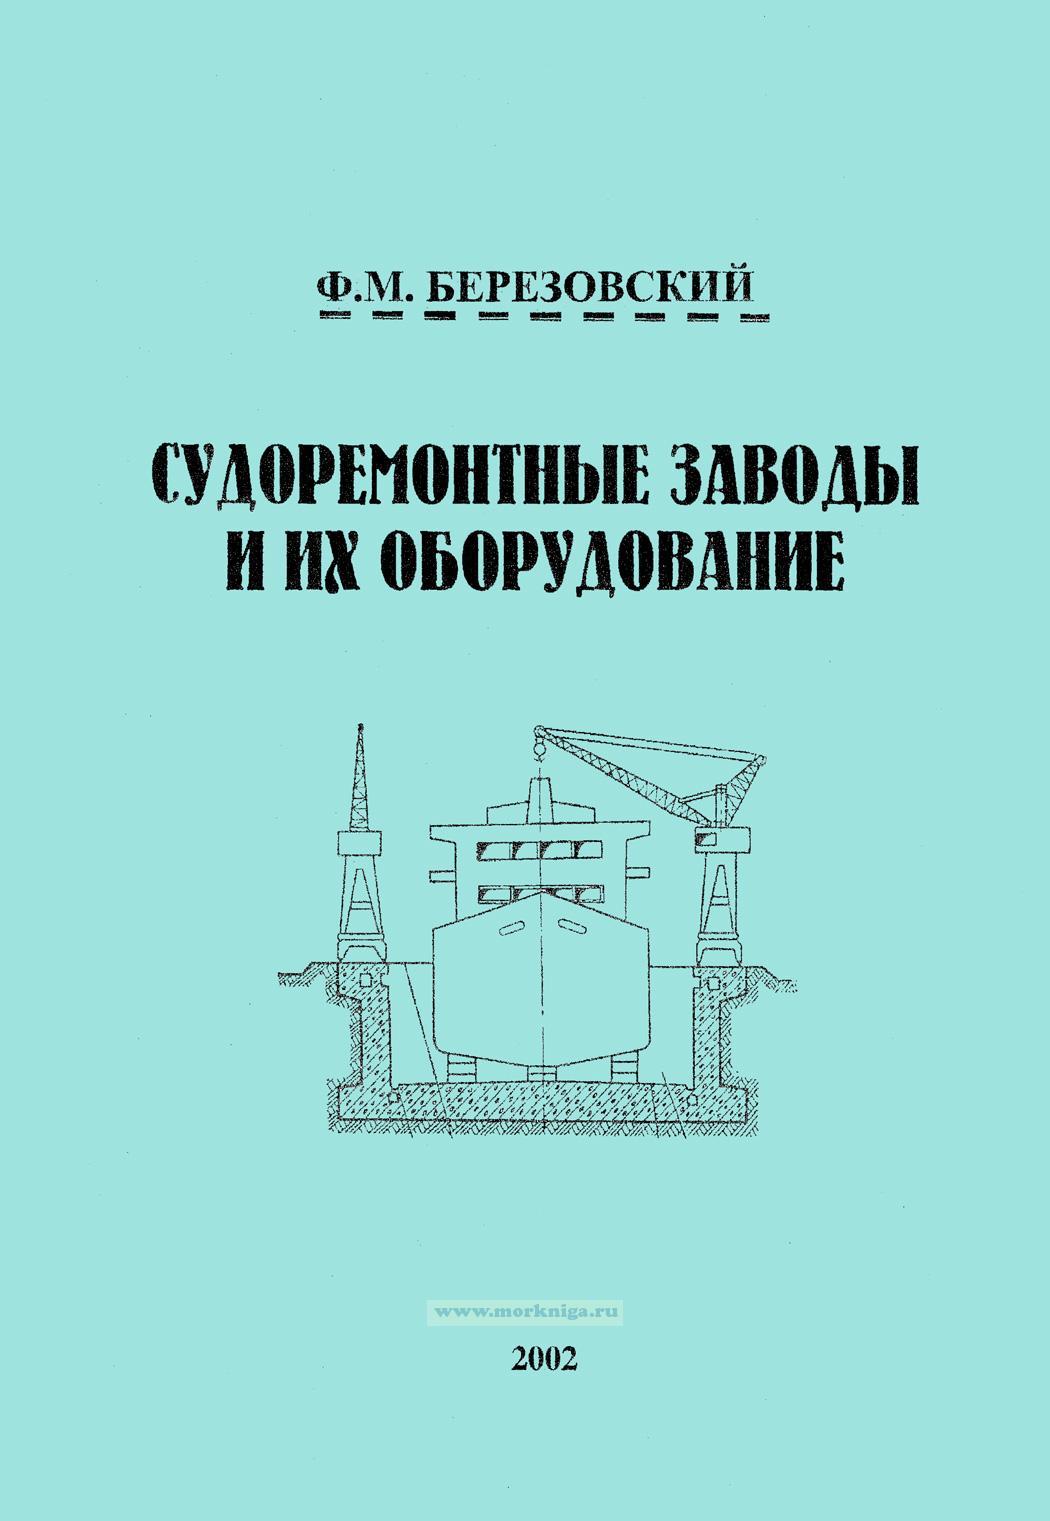 Судоремонтные заводы и их оборудование